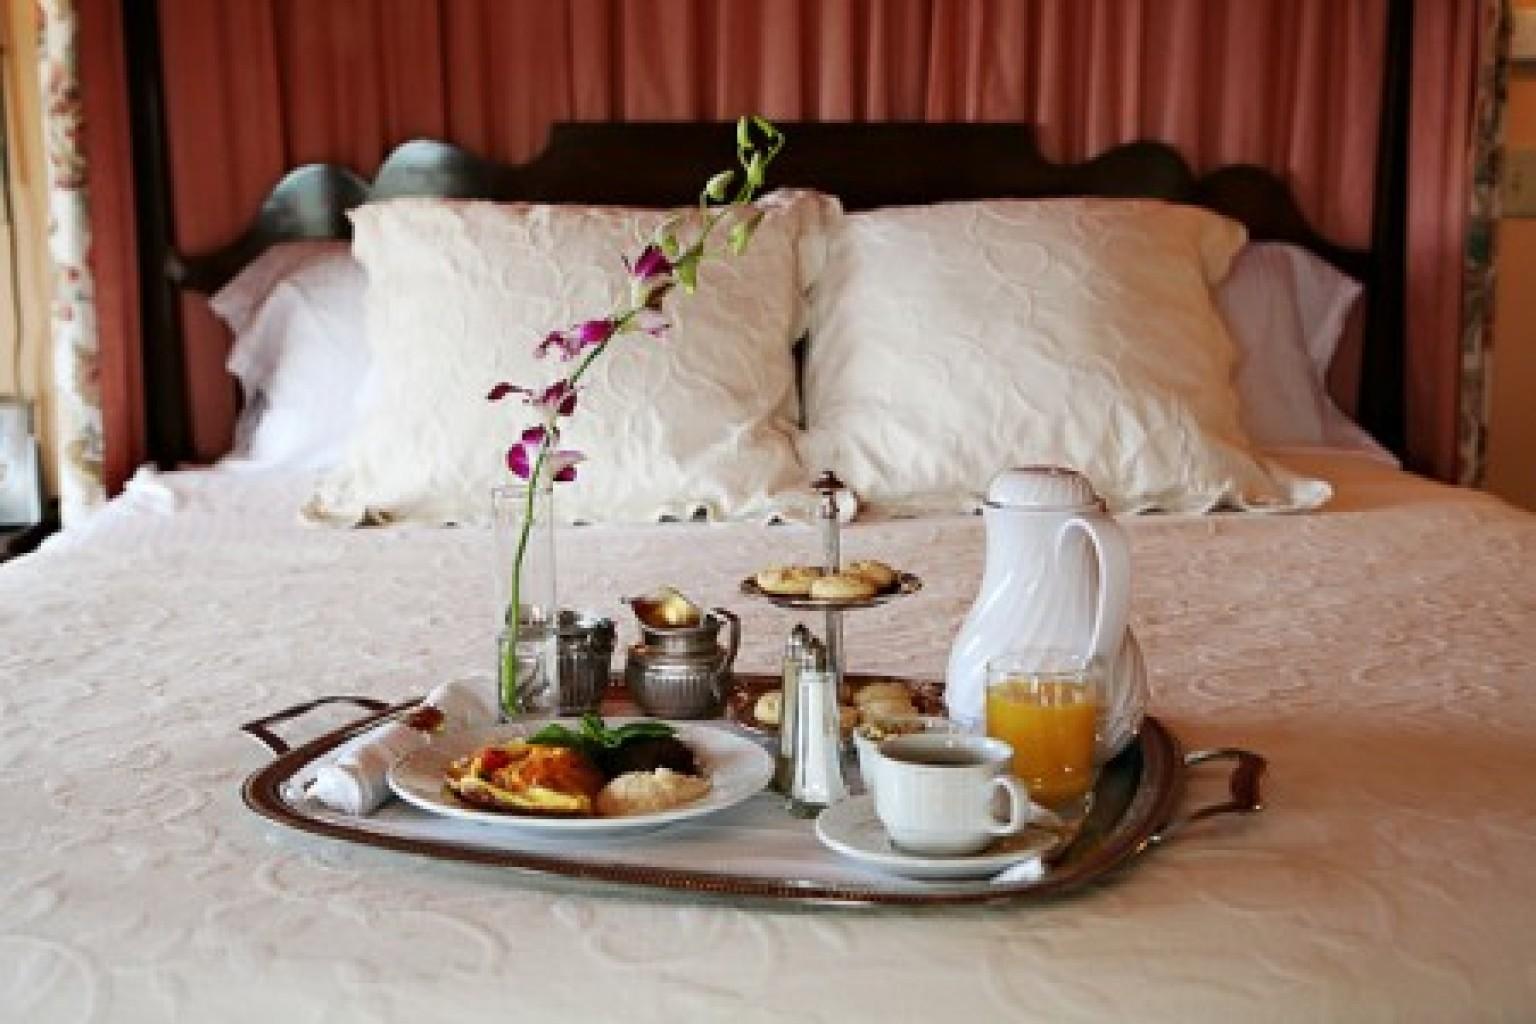 Bagno e tv in camera in sicilia nuove regole per le - Mobili per bed and breakfast ...